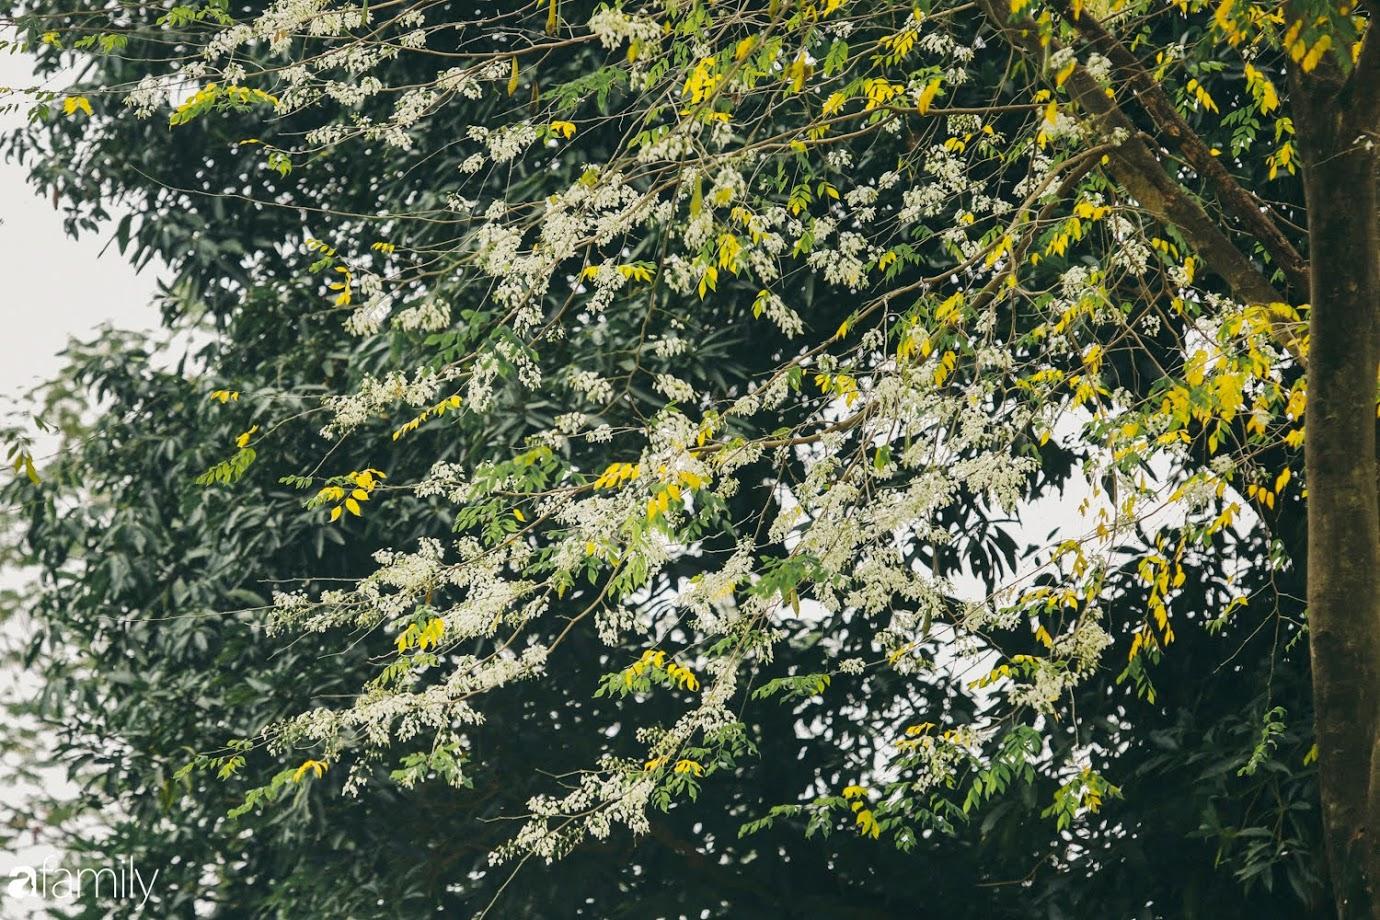 Mùa hoa sưa lại về trên phố, trắng rợp trời Hà Nội như bông mây ngọt ngào gọi mời tháng Ba - Ảnh 3.